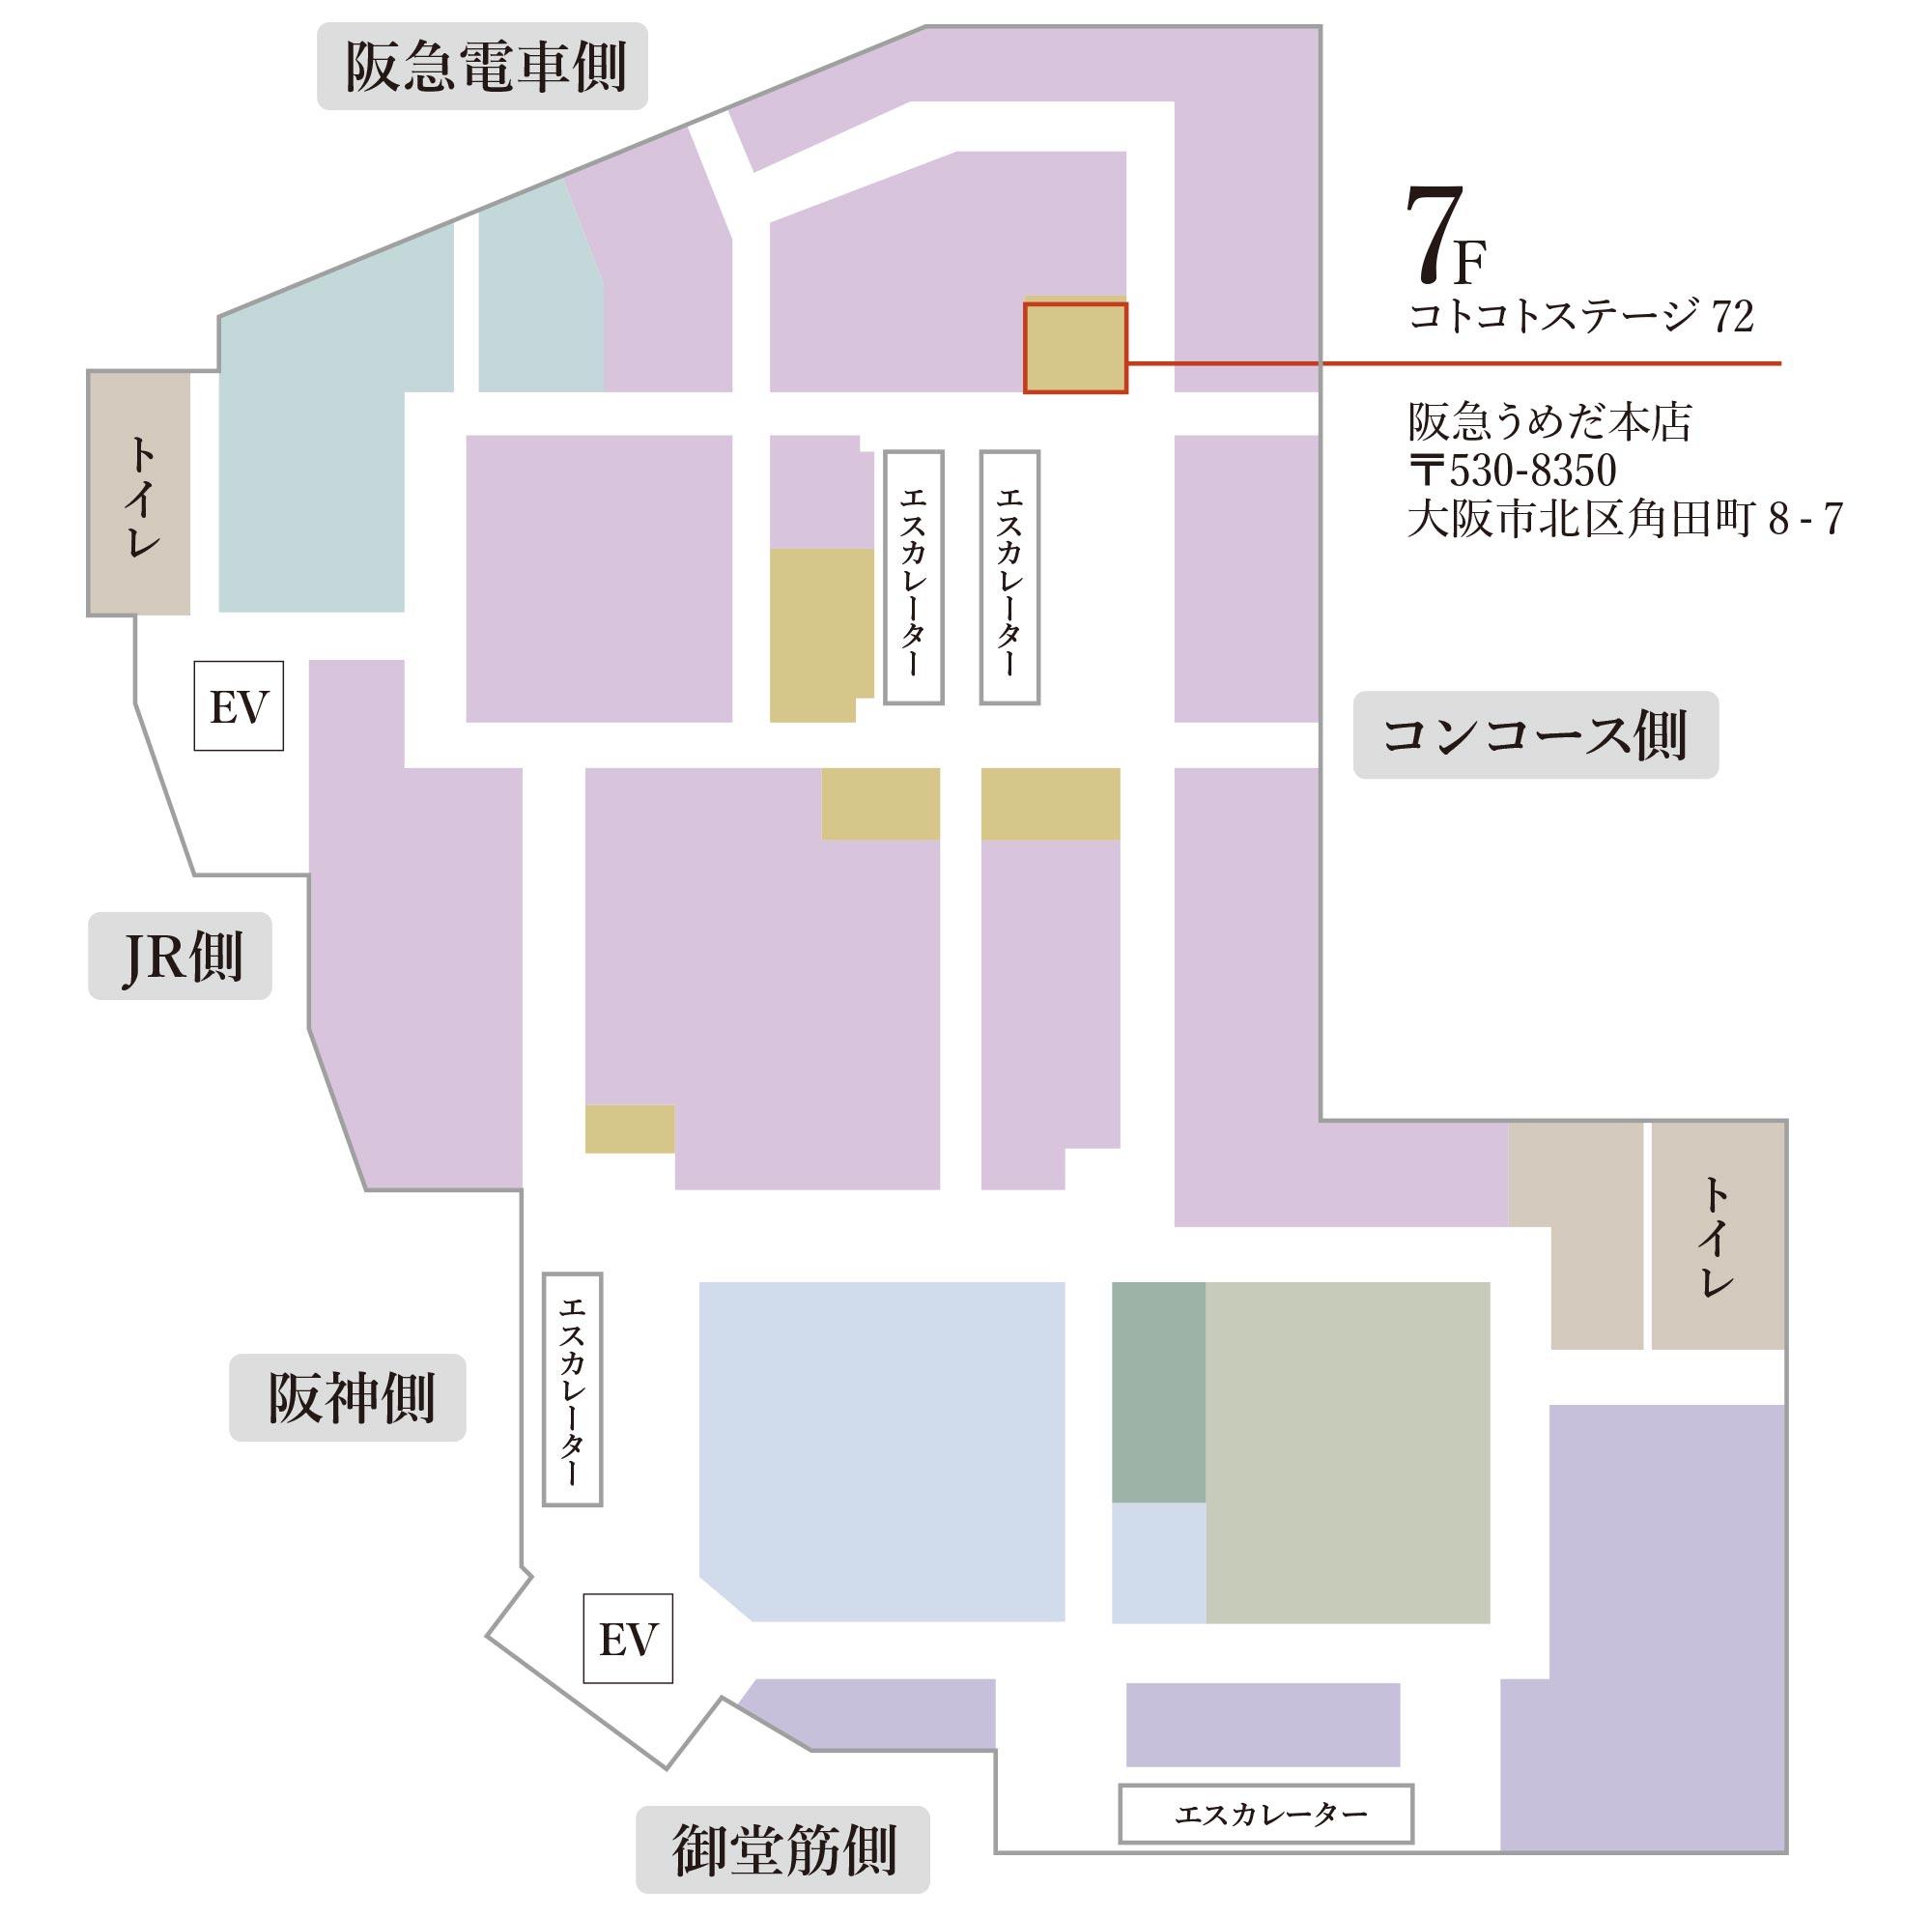 阪急うめだ本店 催事会場